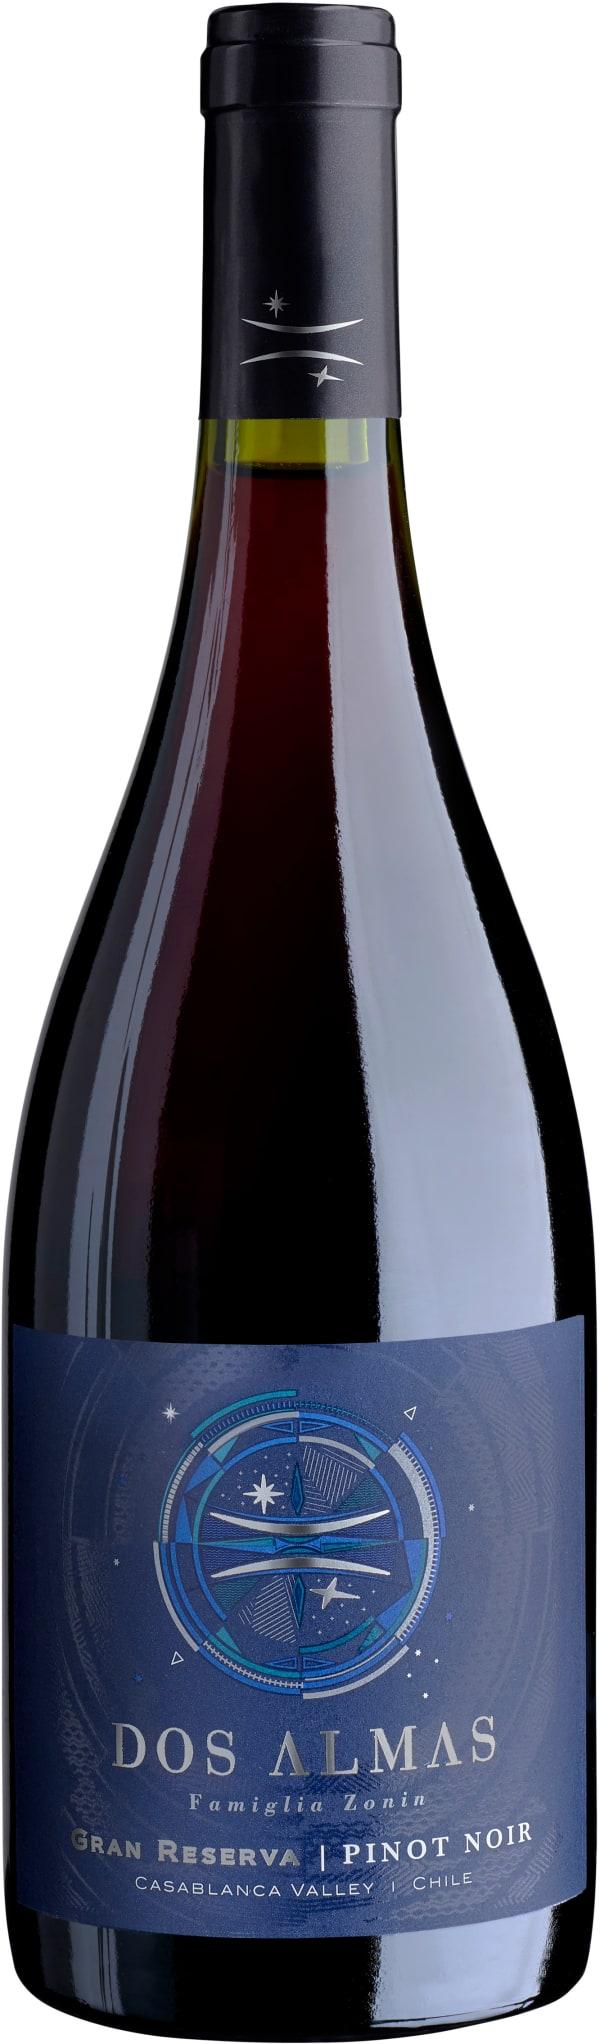 Dos Almas Pinot Noir Gran Reserva 2018